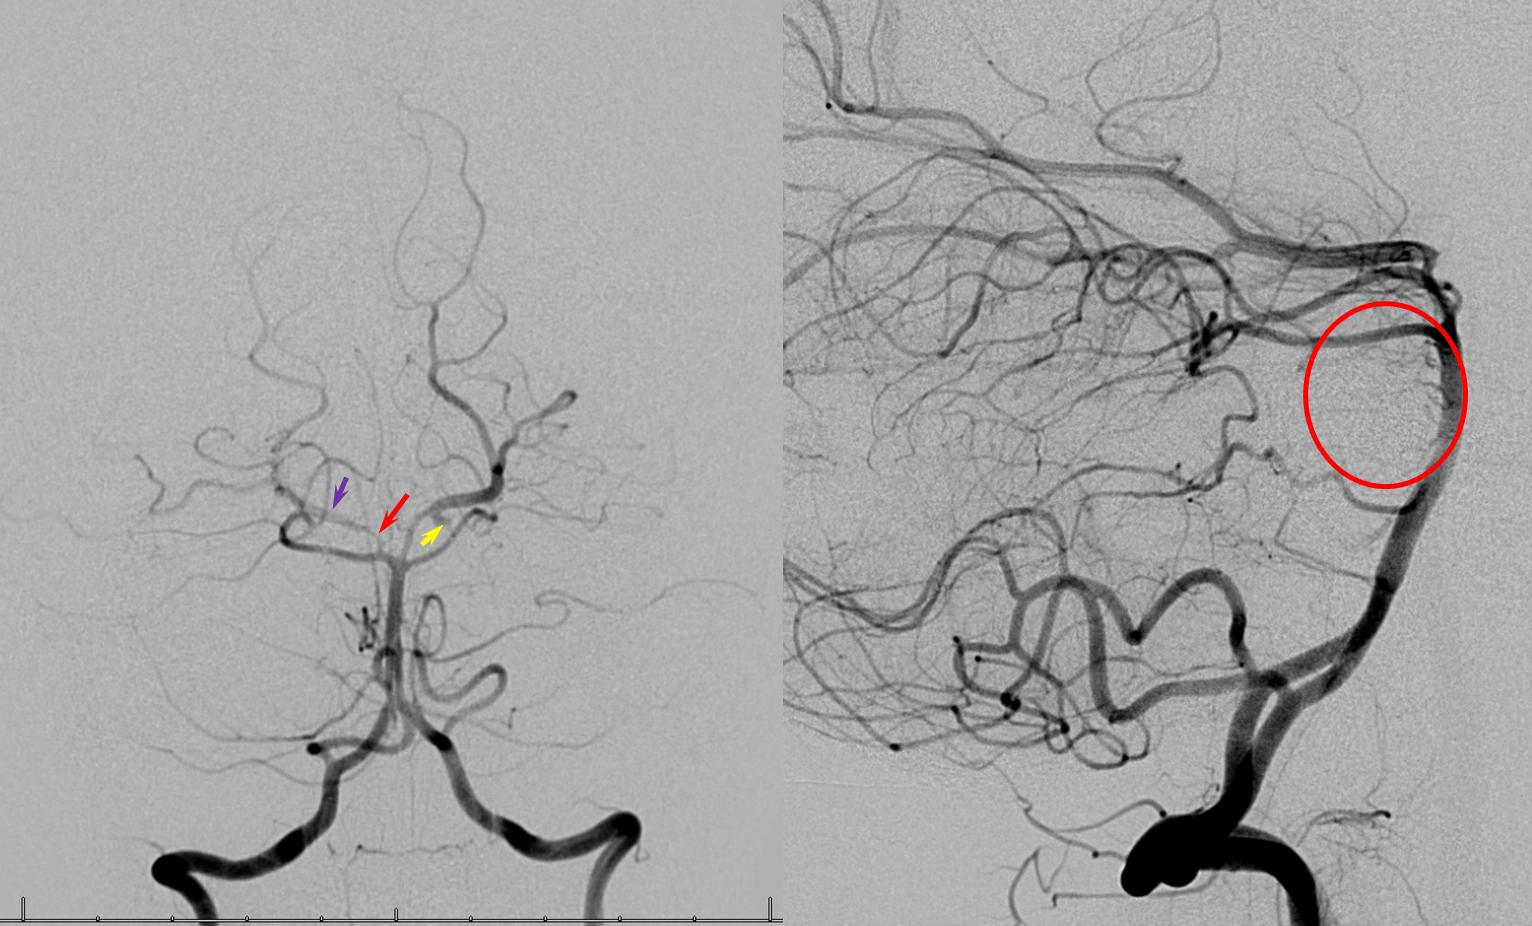 Basilar Artery